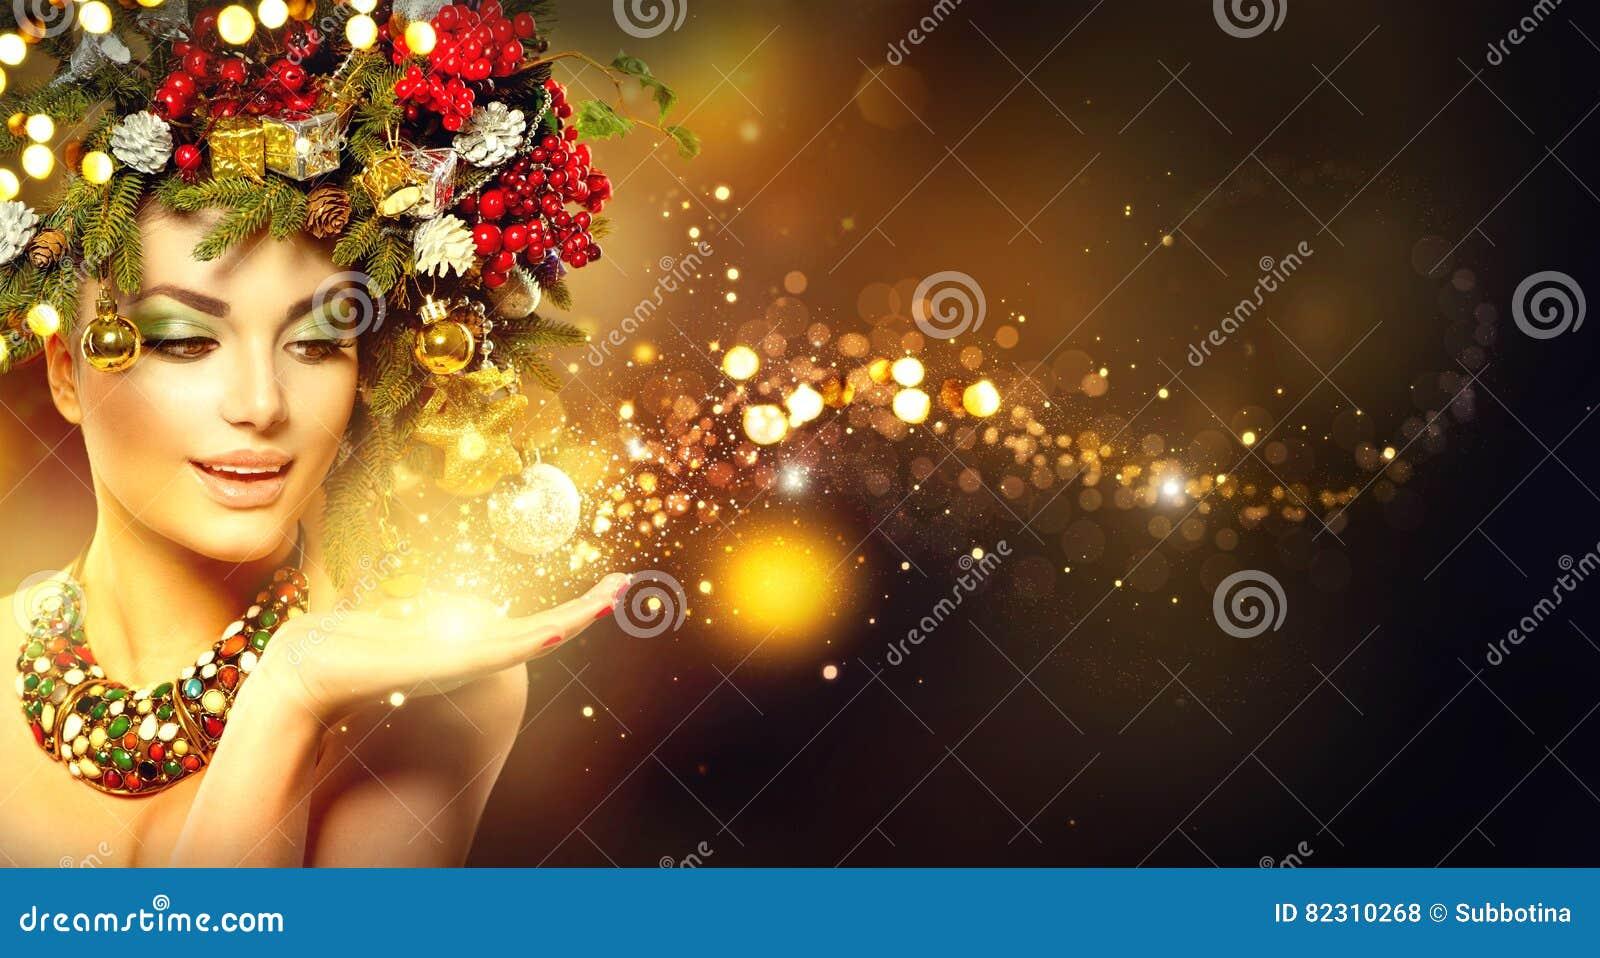 Magia de la Navidad Modelo de la belleza sobre fondo borroso día de fiesta